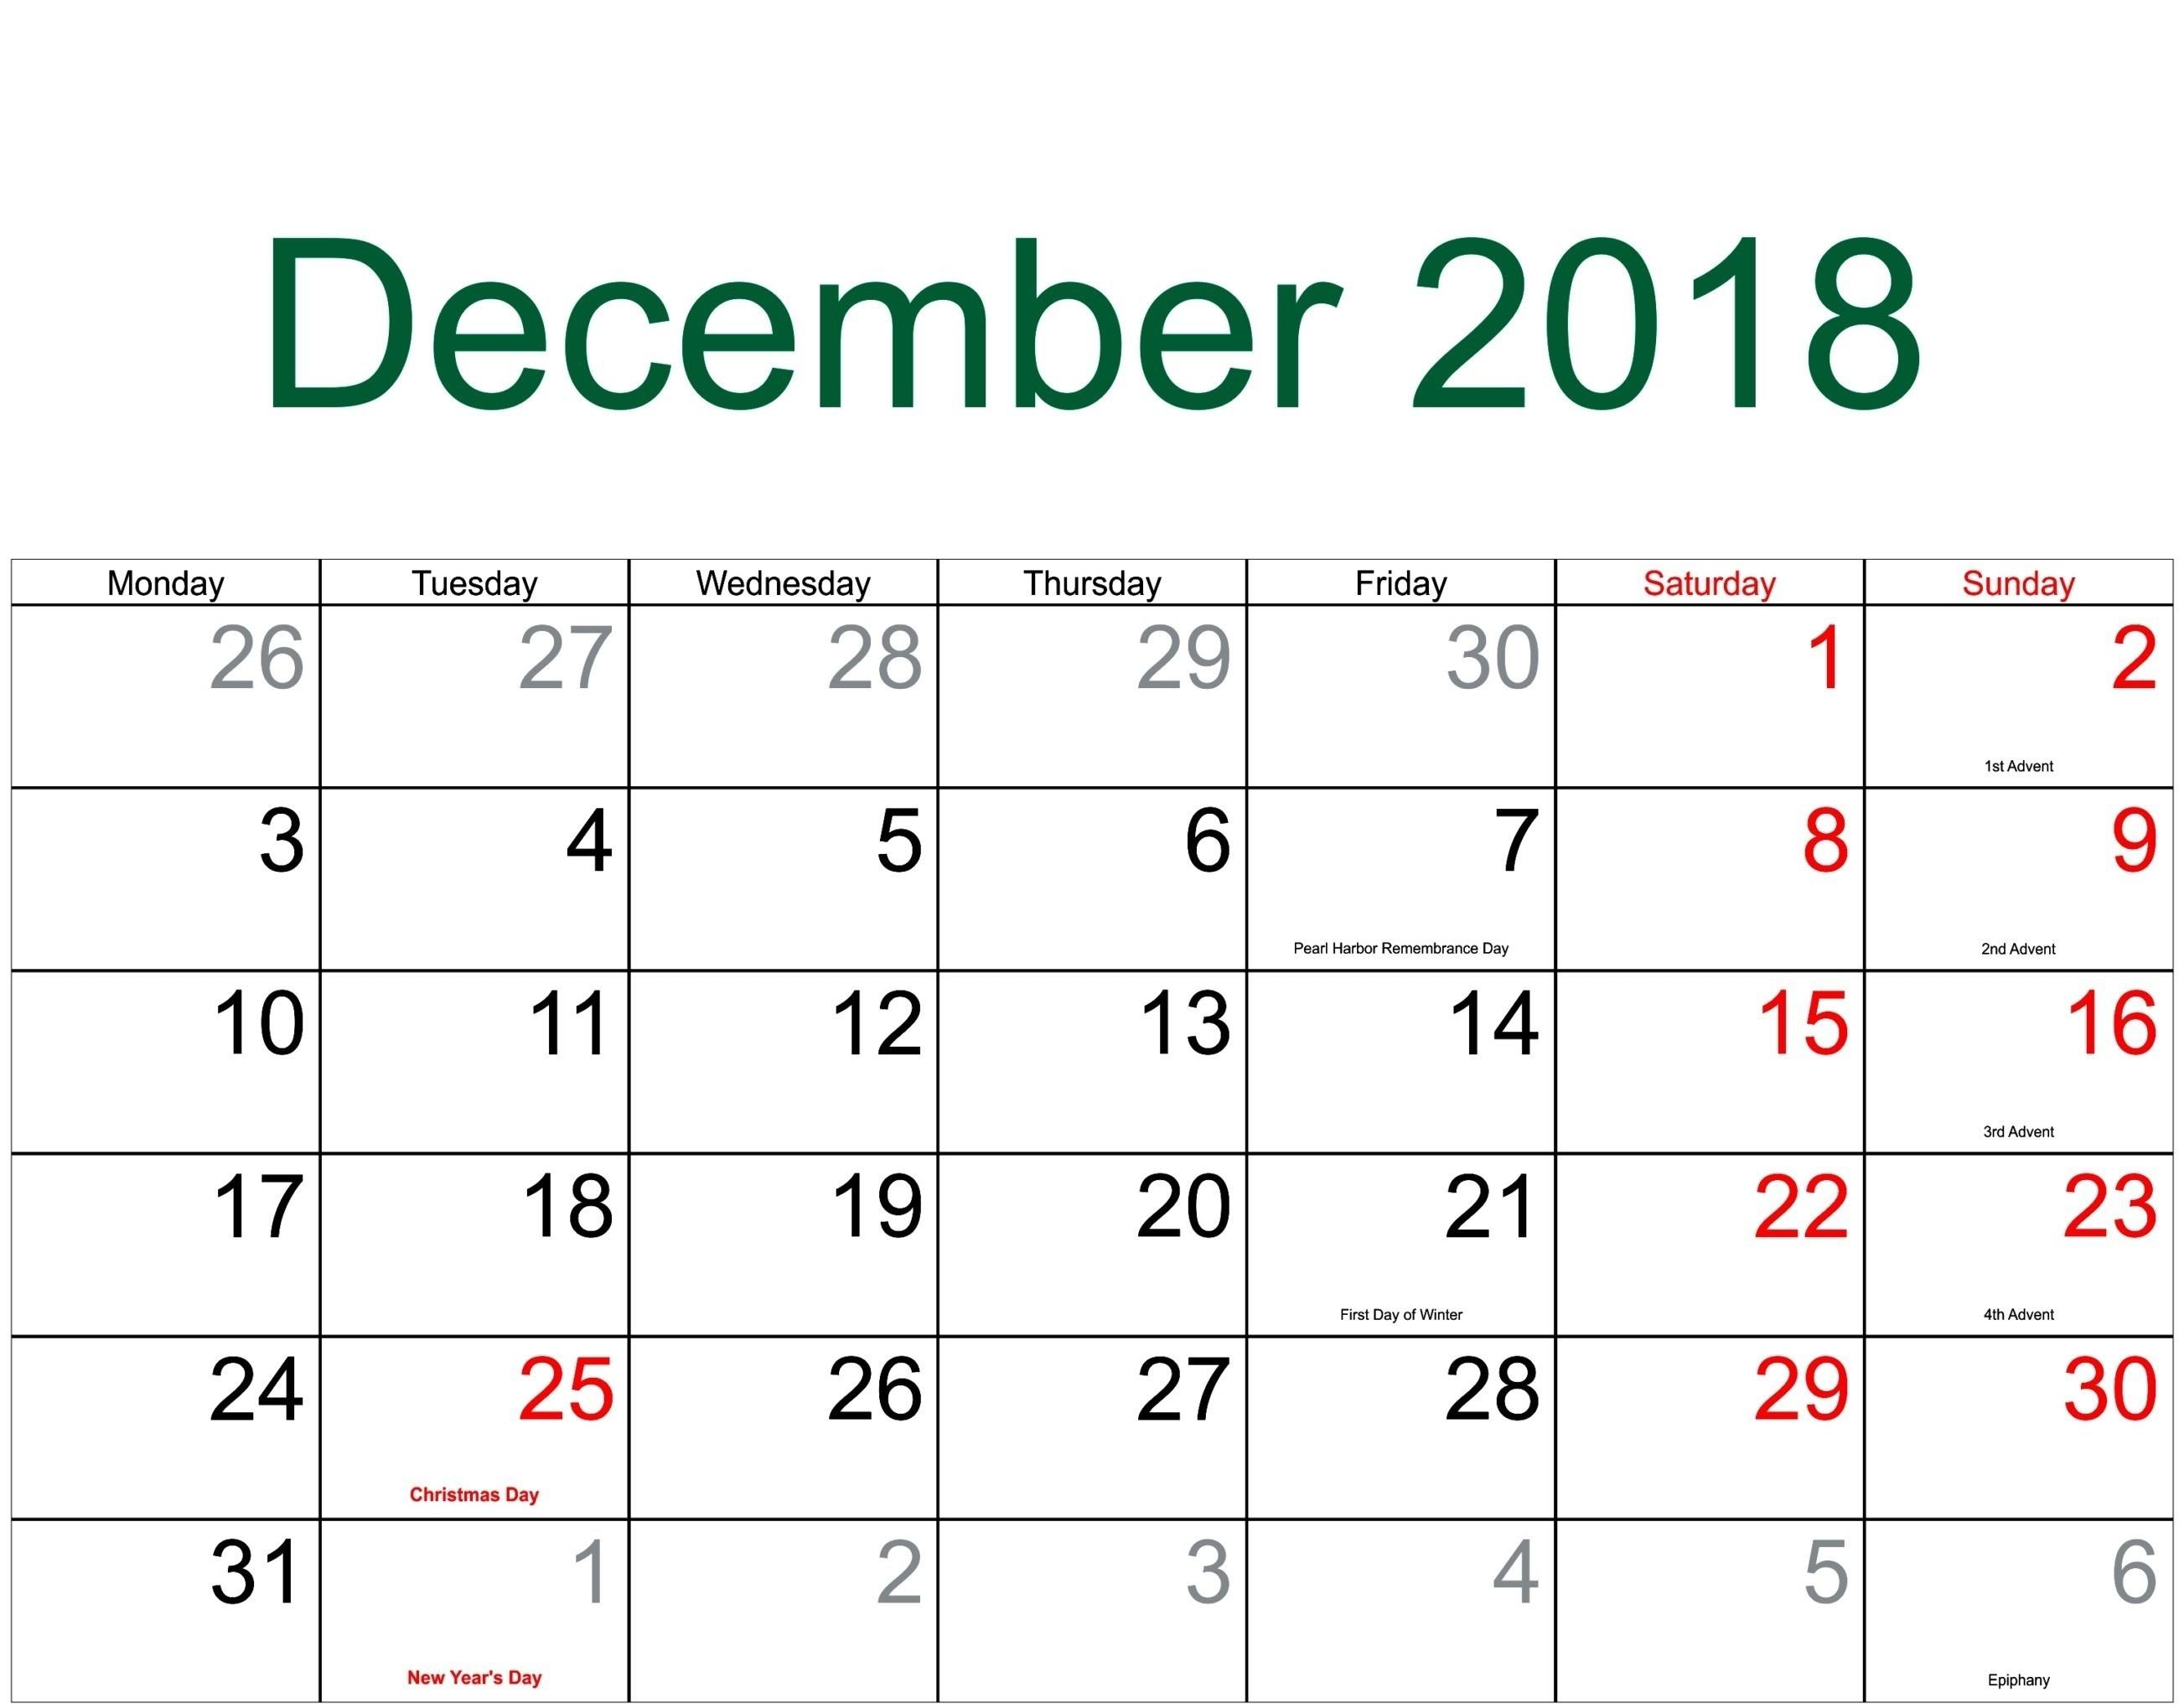 Gujarati Calendar March 2019 Más Arriba-A-Fecha Kalnirnay Calendar September 2018 Hindi September 2021 Calendar Kalnirnay